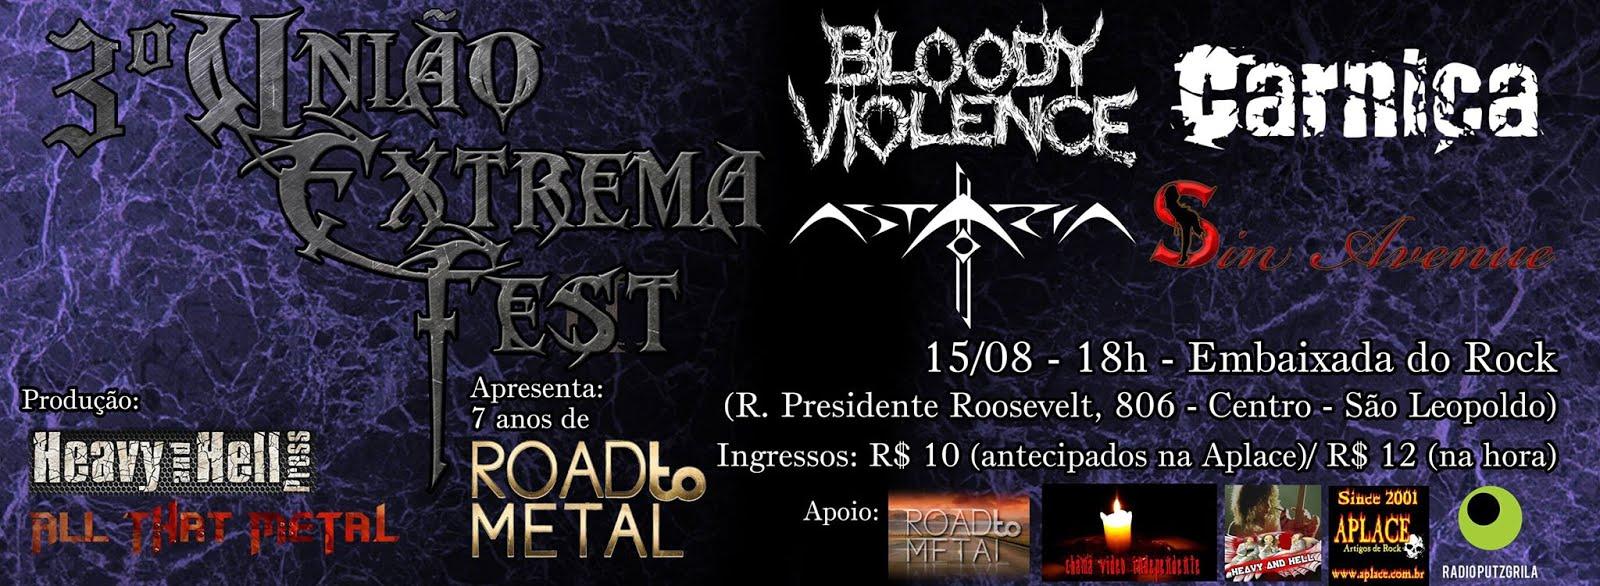 3° UNIÃO EXTREMA FEST APRESENTA: 7 ANOS DE ROAD TO METAL!